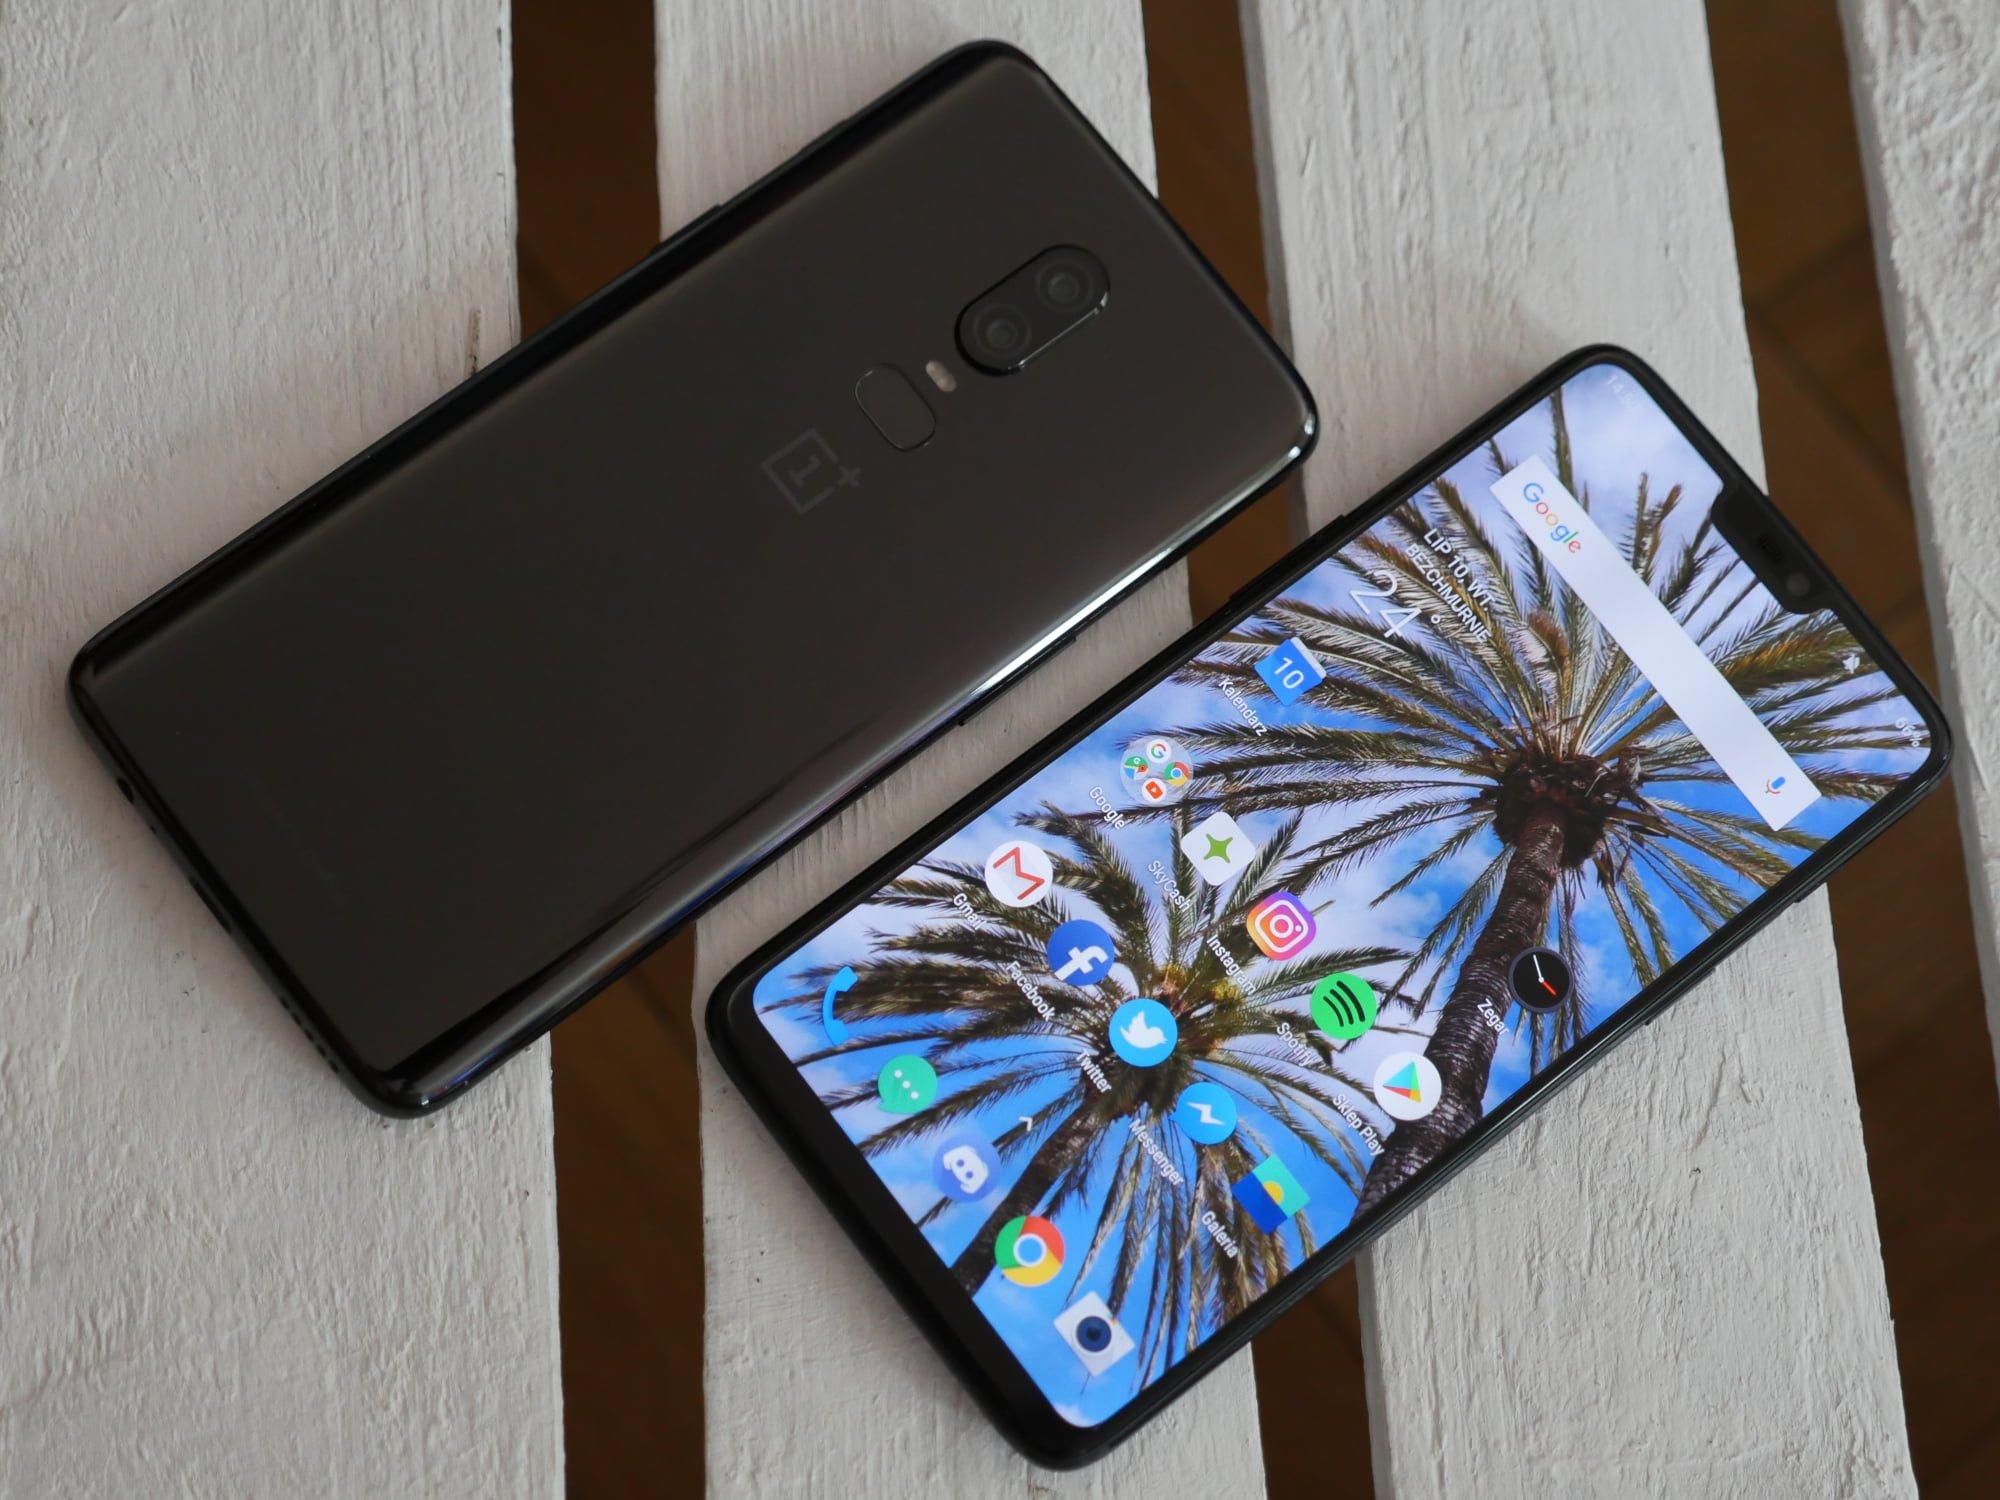 Tabletowo.pl Podoba Ci się OnePlus 6? Teraz masz okazję go kupić w bardzo dobrej cenie Android Chińskie OnePlus Promocje Smartfony